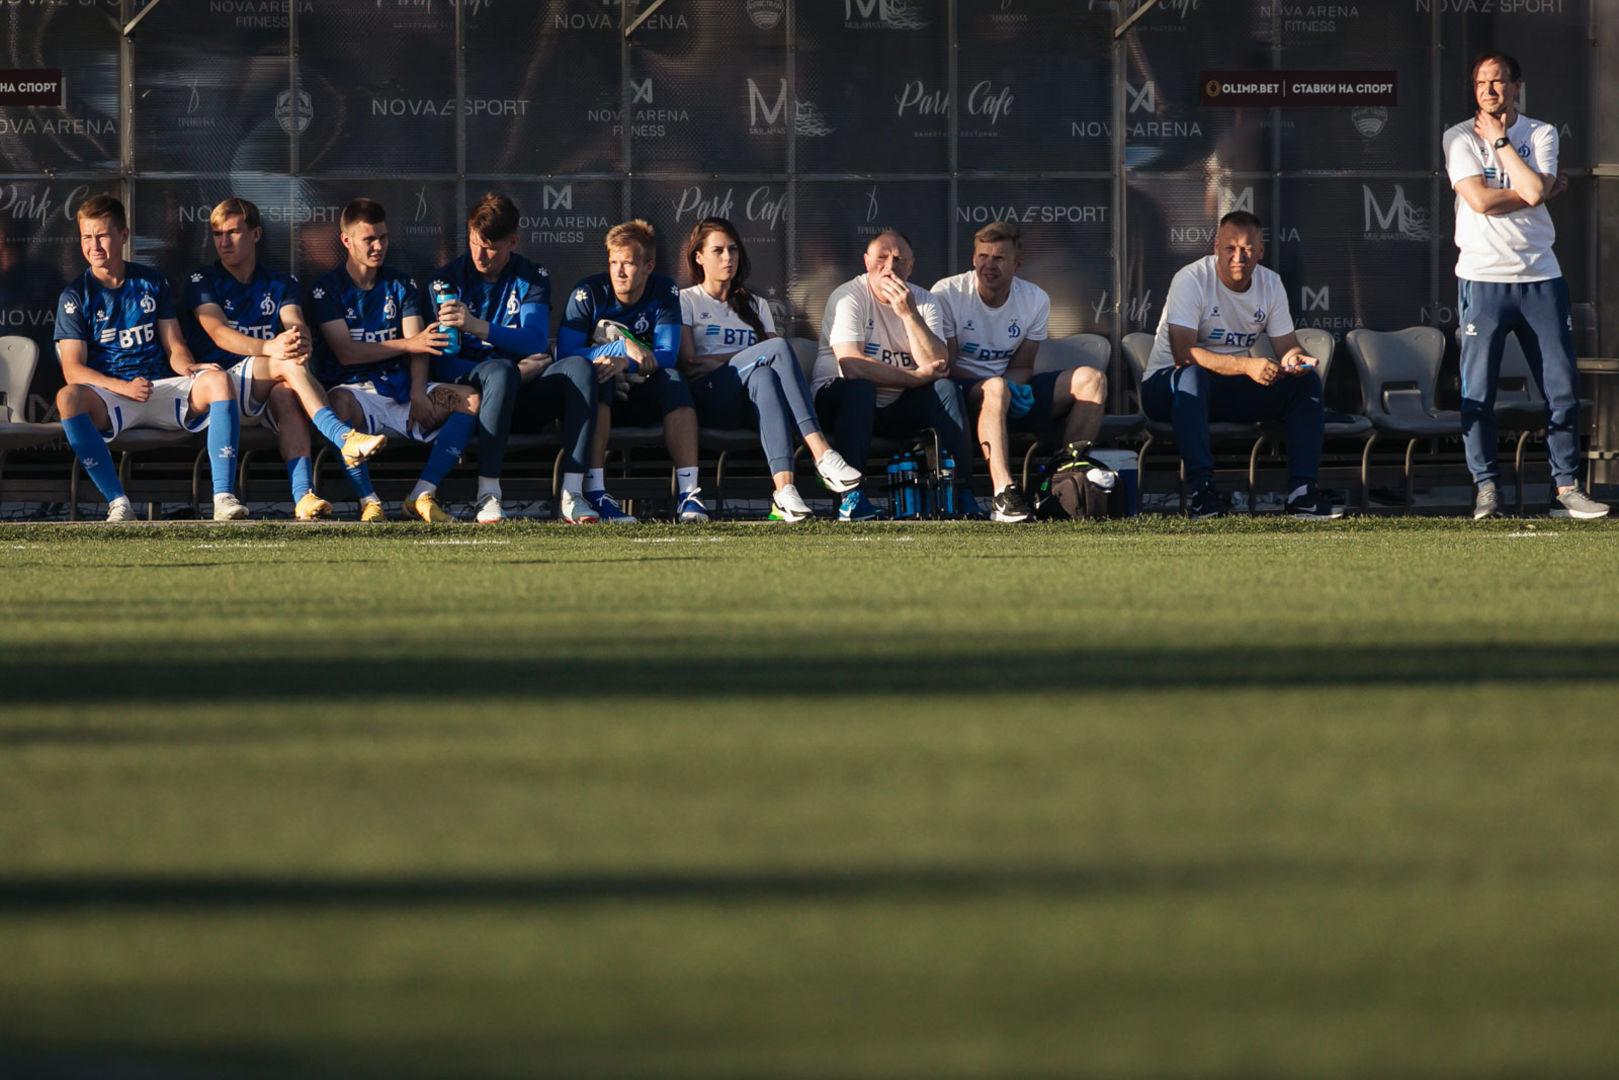 Фоторепортаж с матча «Динамо-2» - «Звезда»